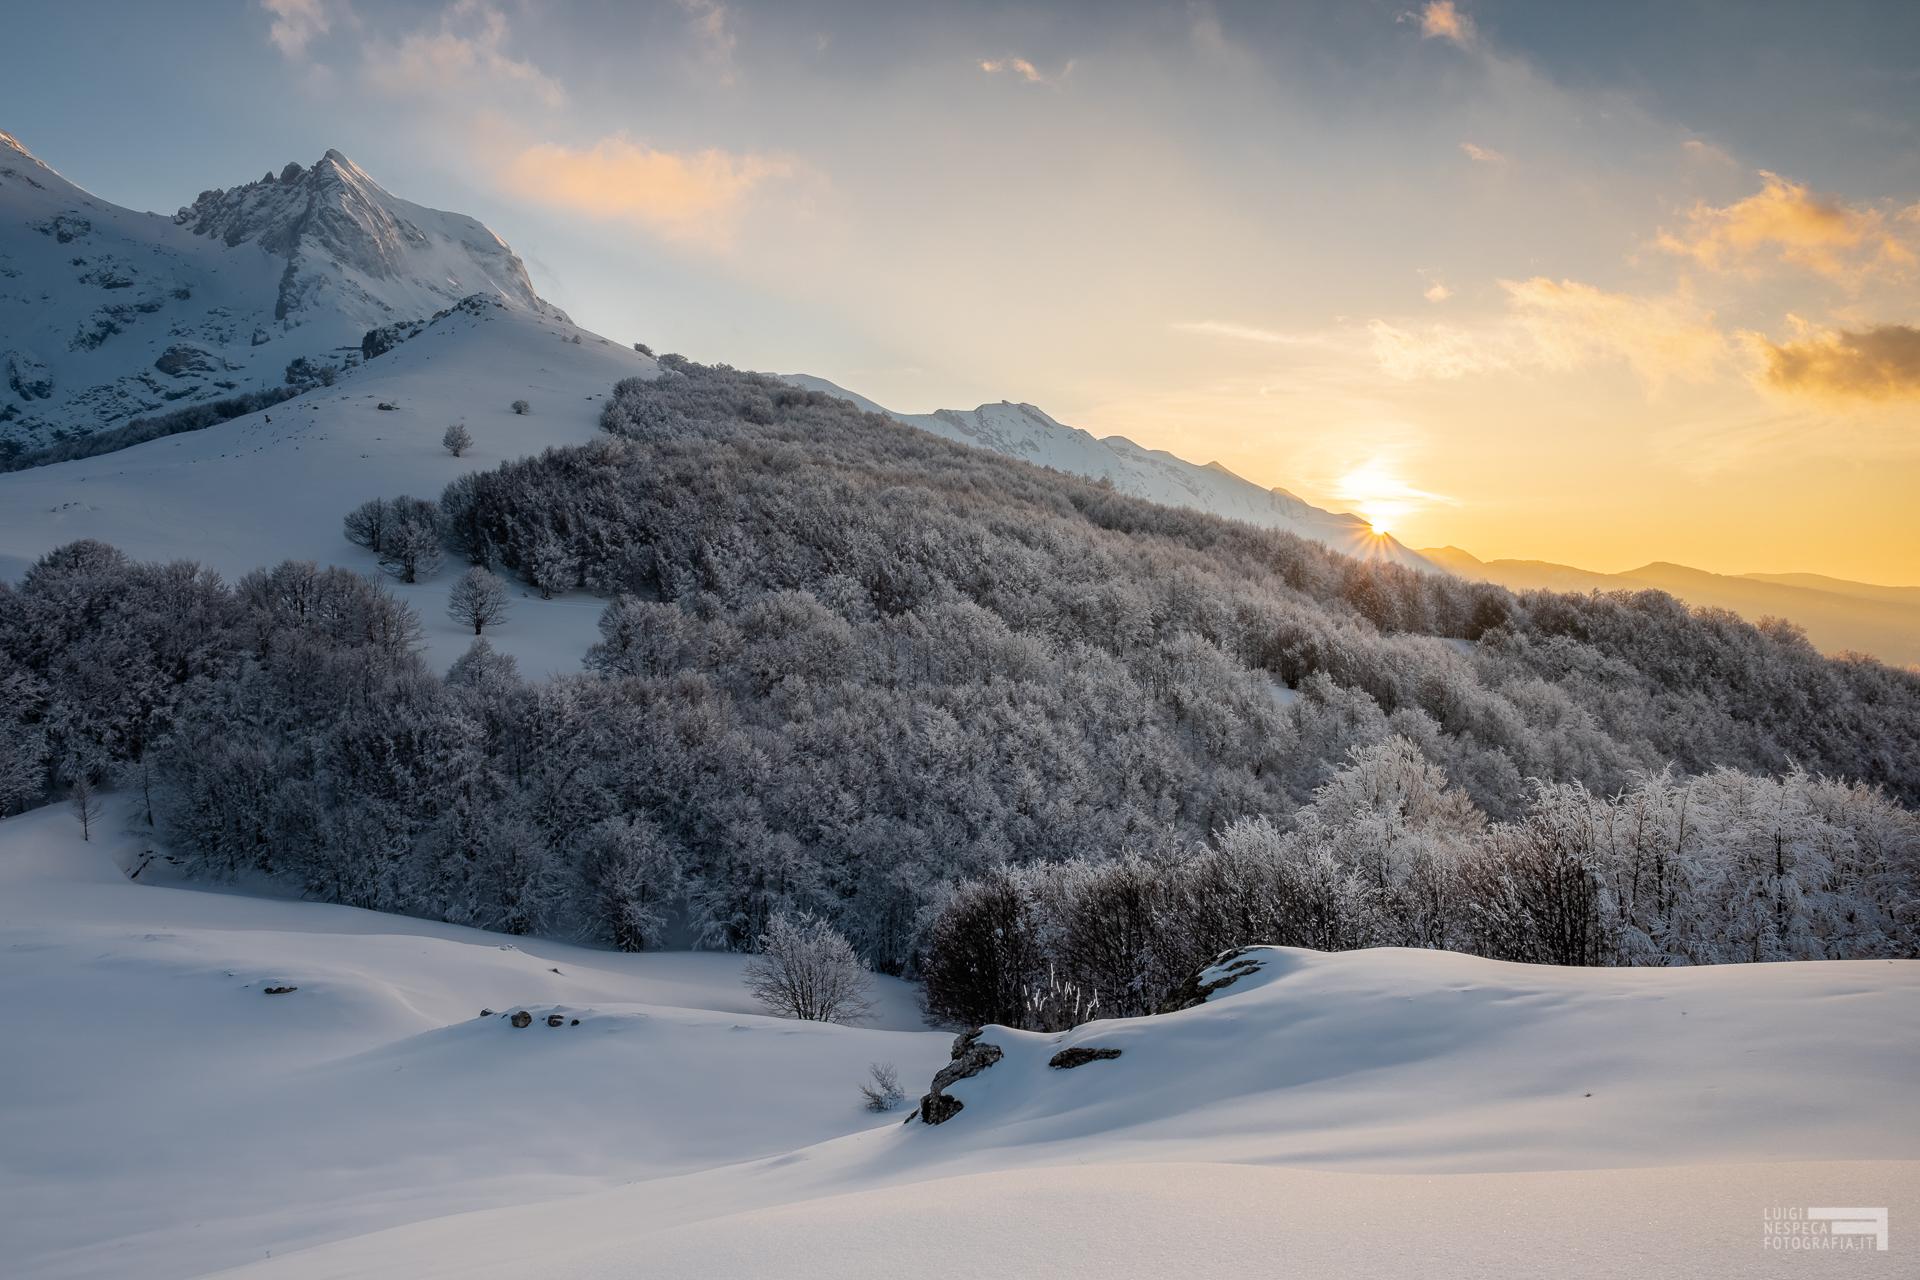 25 - Corno Piccolo e bosco dell'Aschiero innevati - Cima Alta - Marzo '21